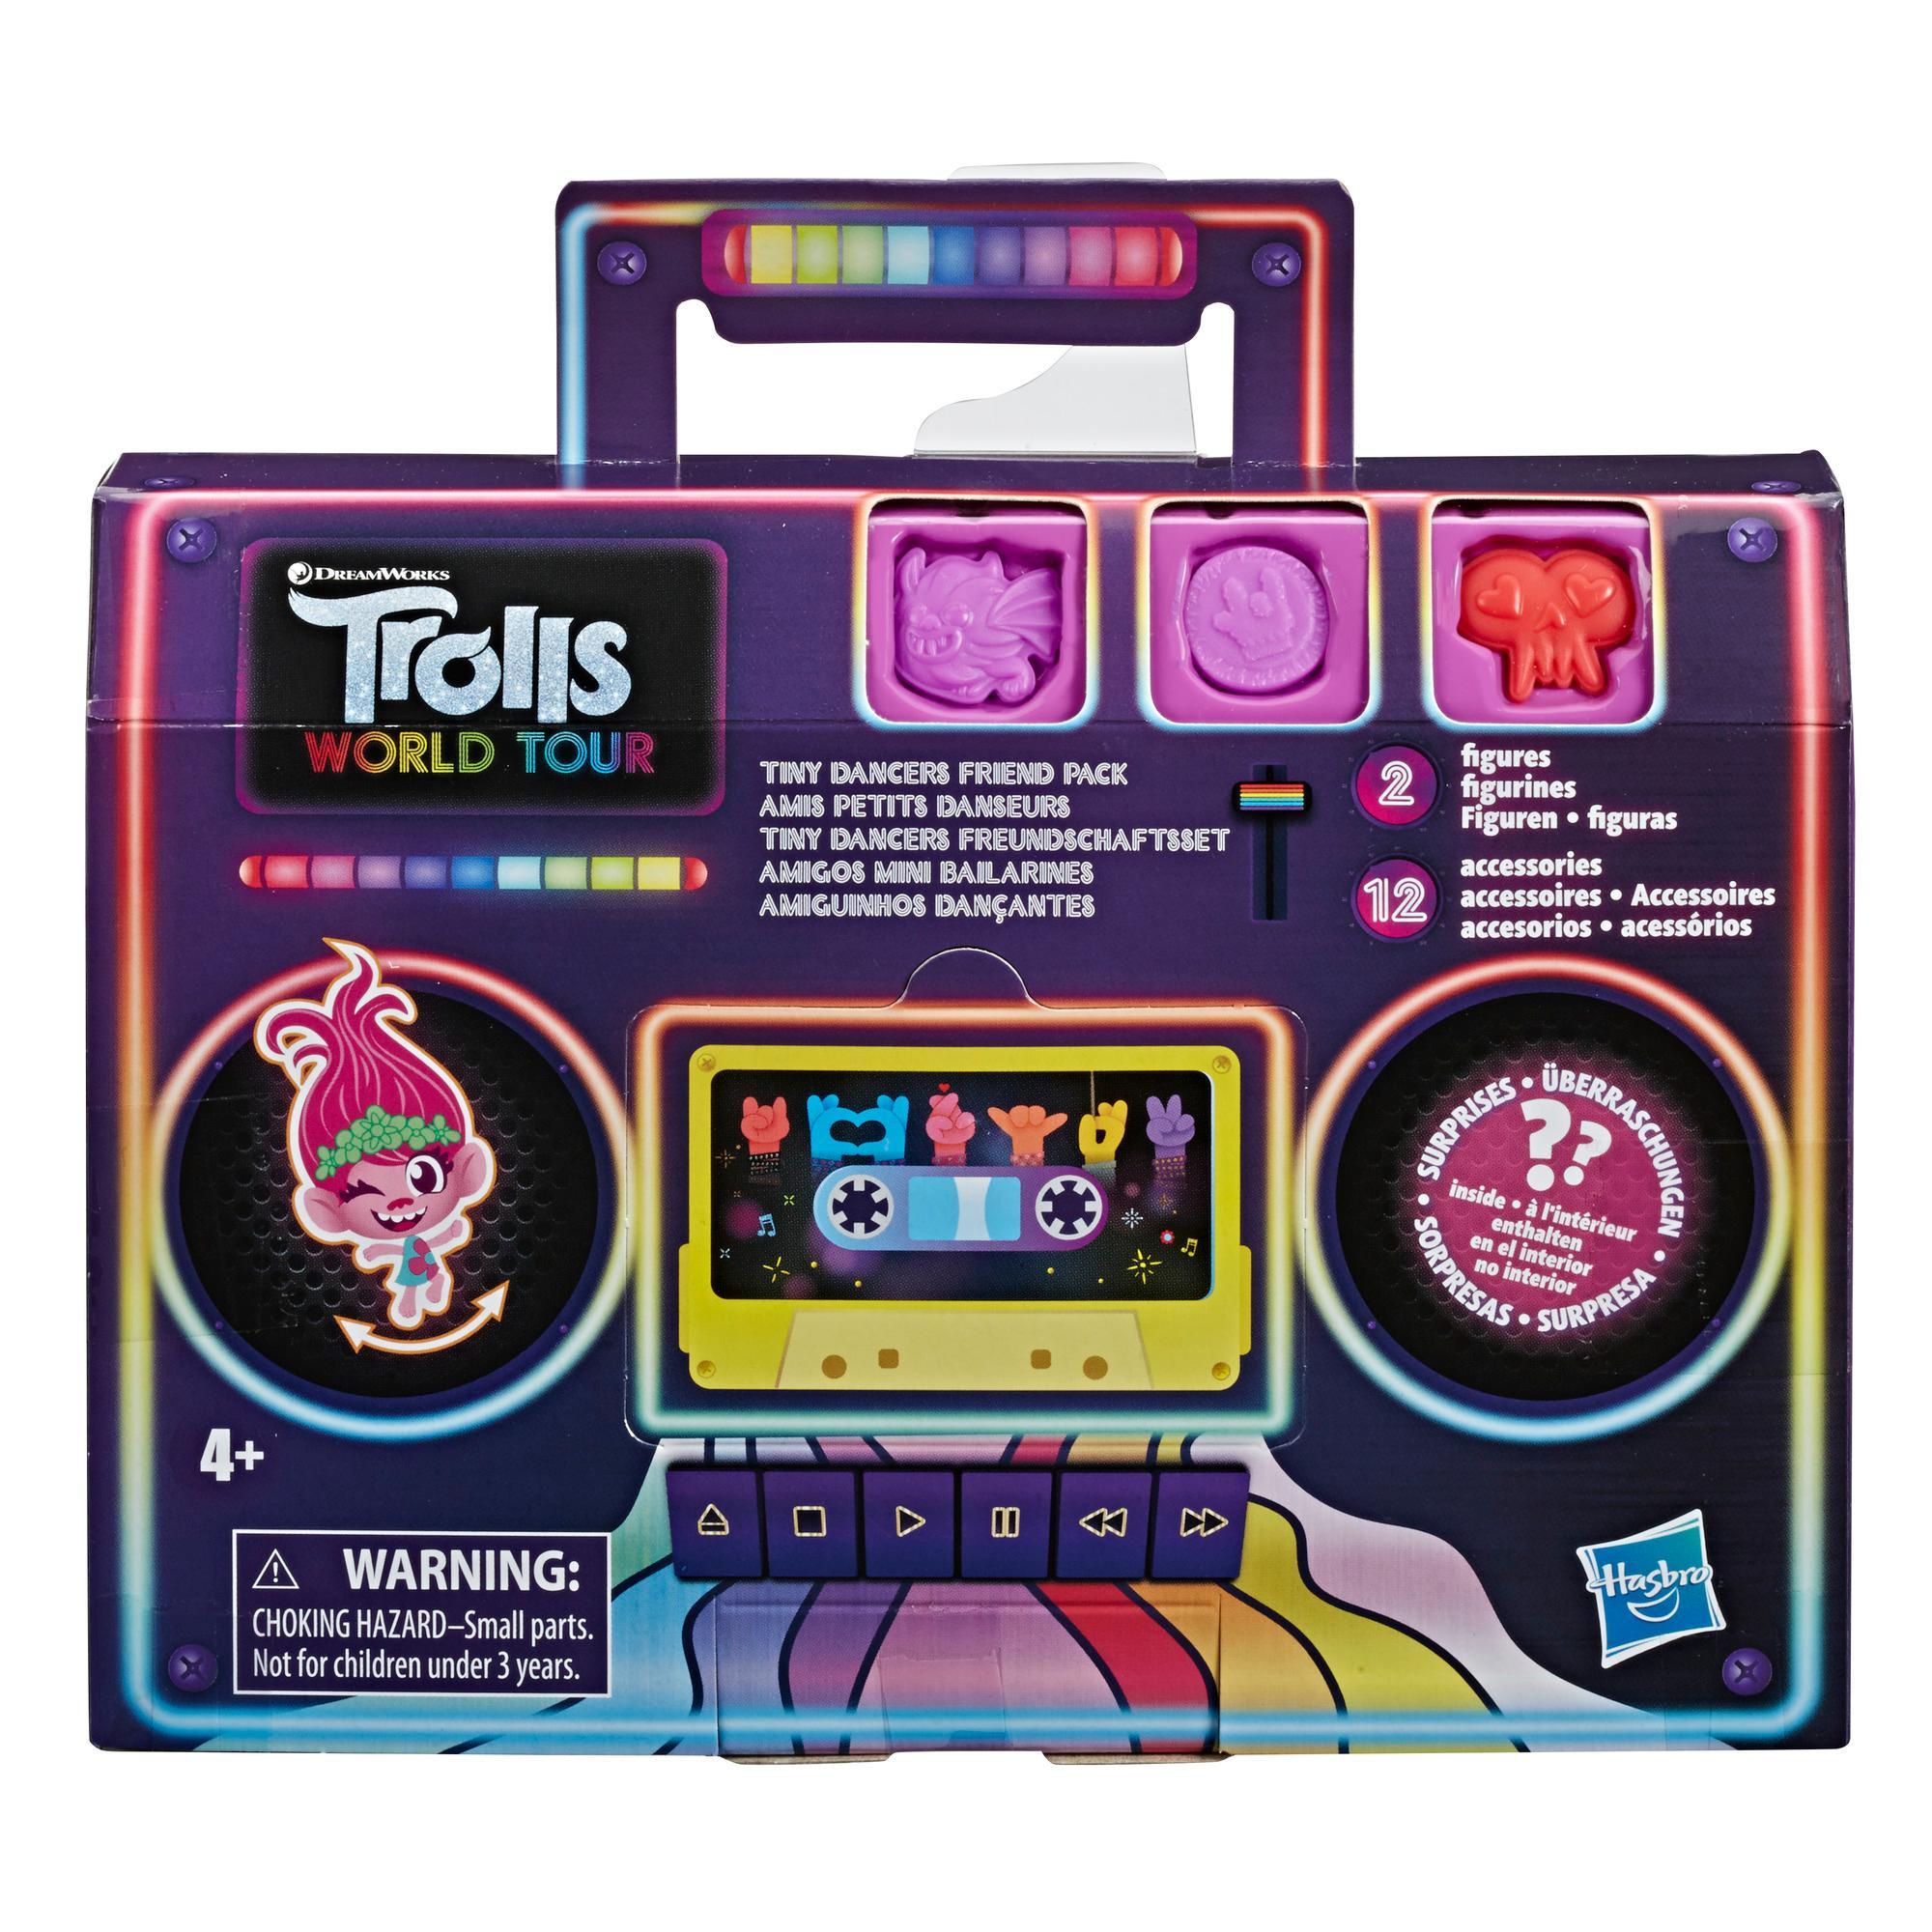 DreamWorks Trolls Tiny Dancers Friend Pack, jossa 2 Tiny Dancer -hahmoa, 2 rannekorua ja 10 koristetta, Trolls: Maailmankiertue -elokuvan innoittama